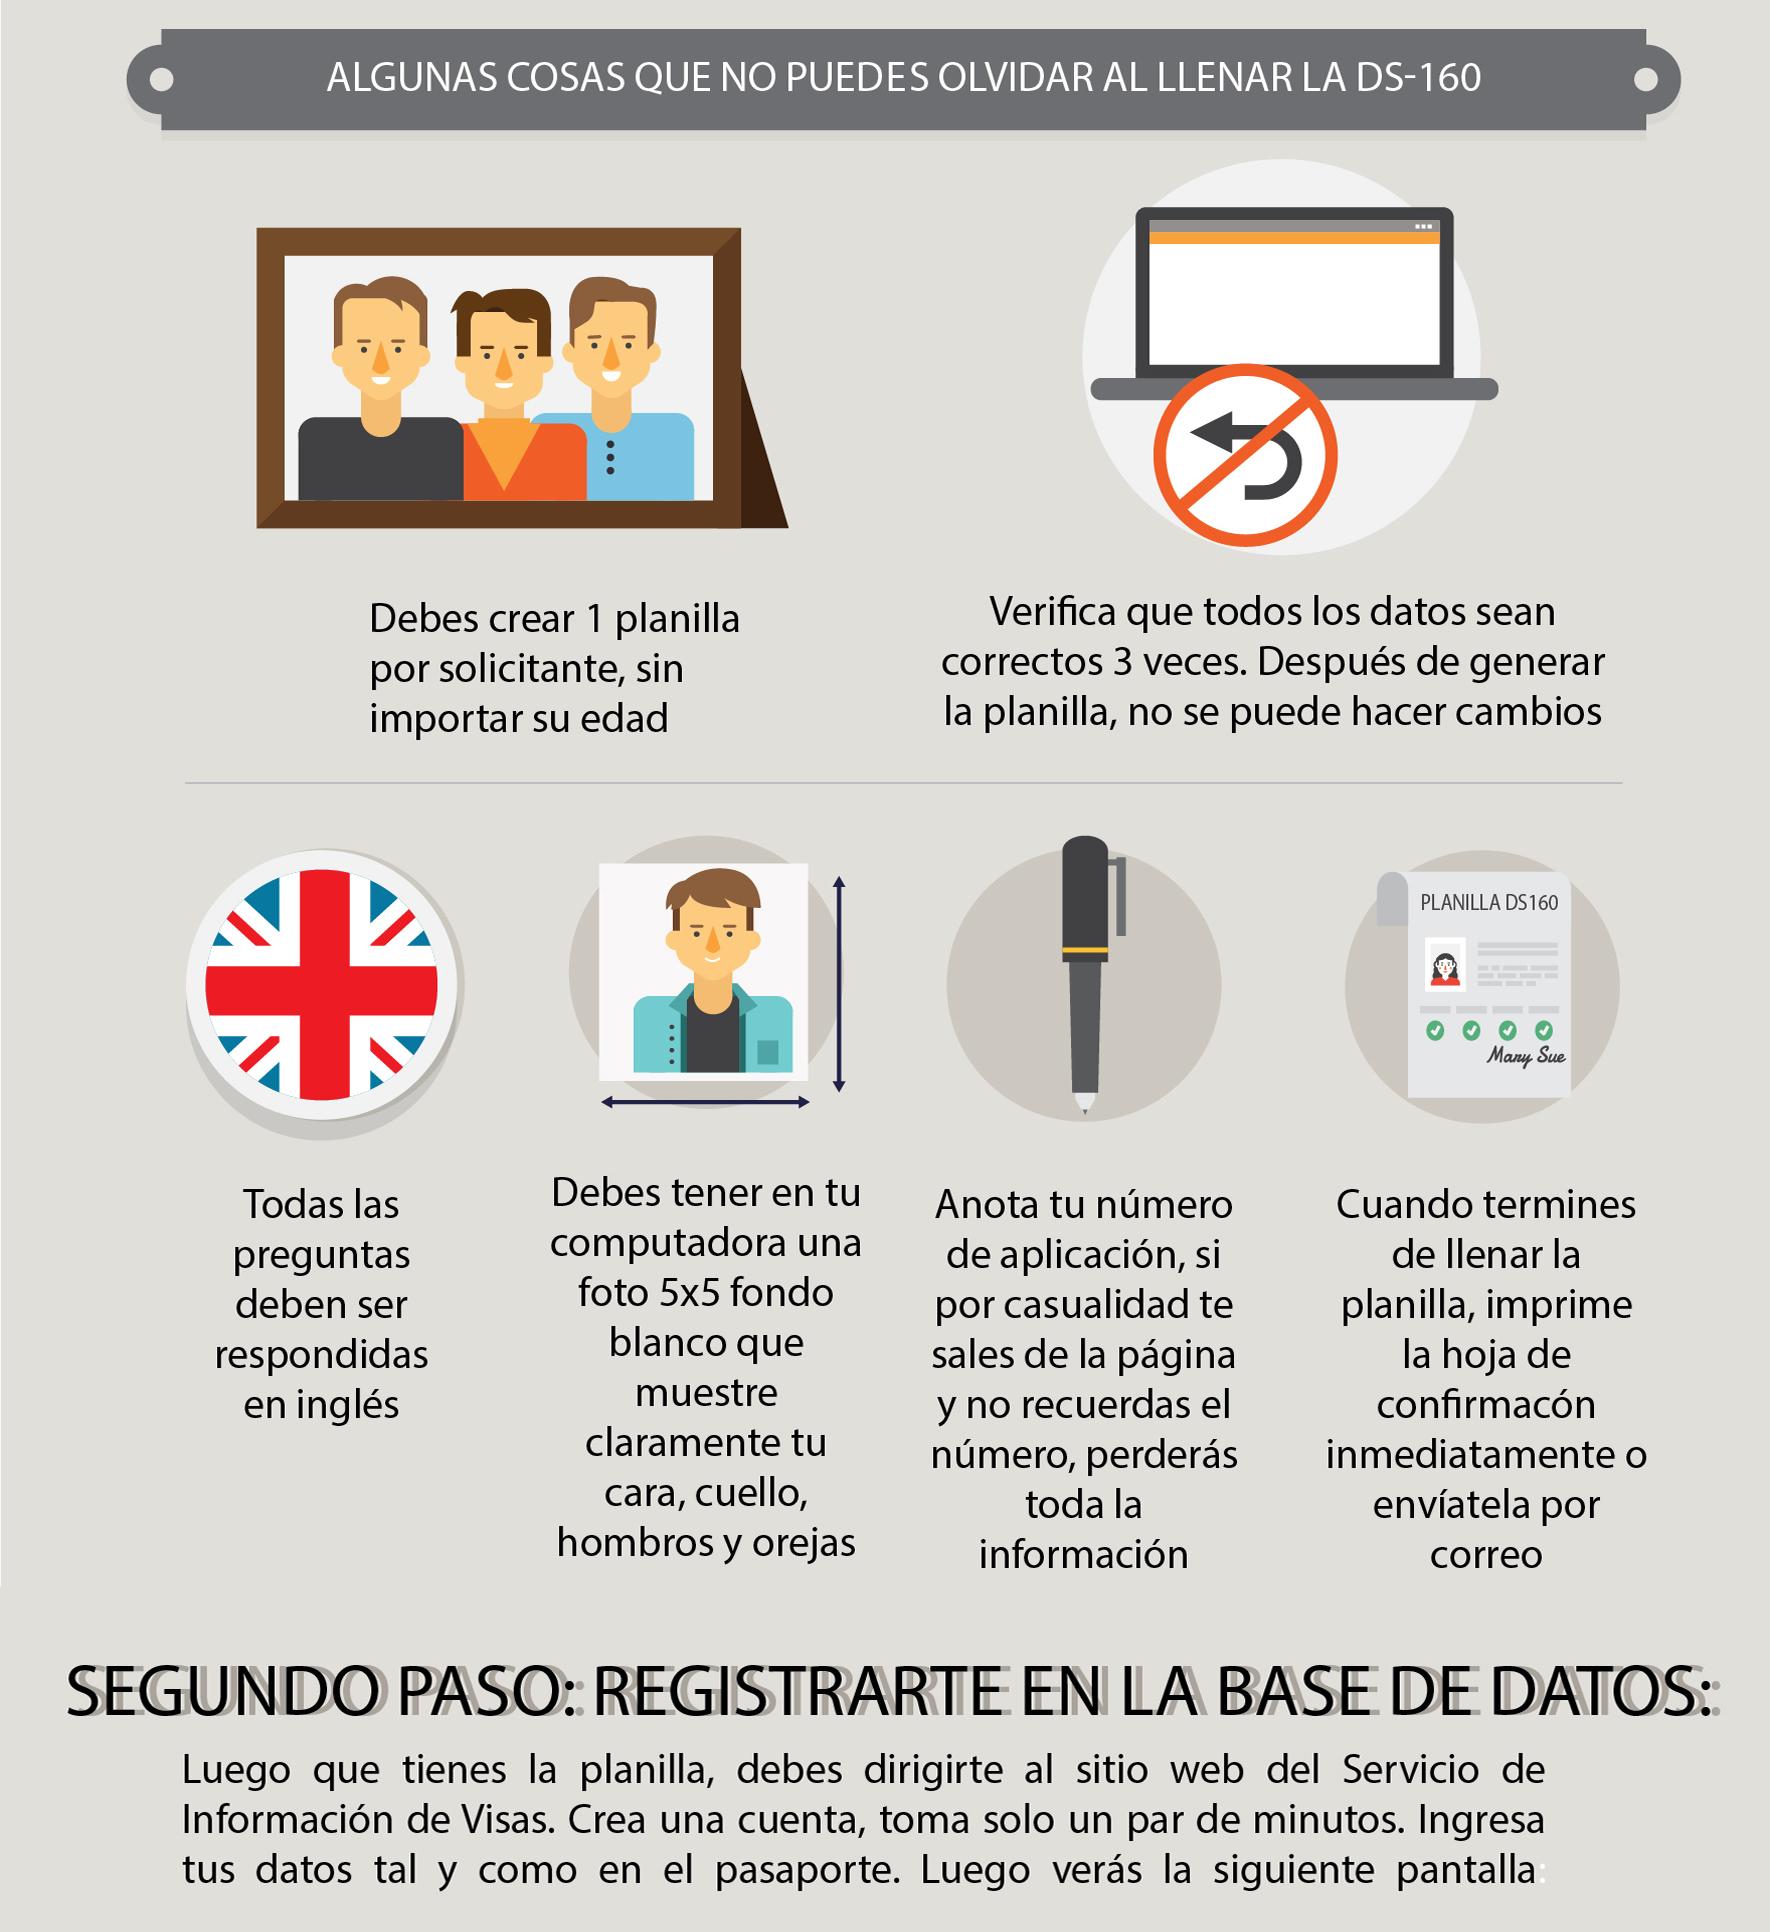 Como realizar la cita para la visa en la Embajada de Estados Unidos en Venezuela (7)